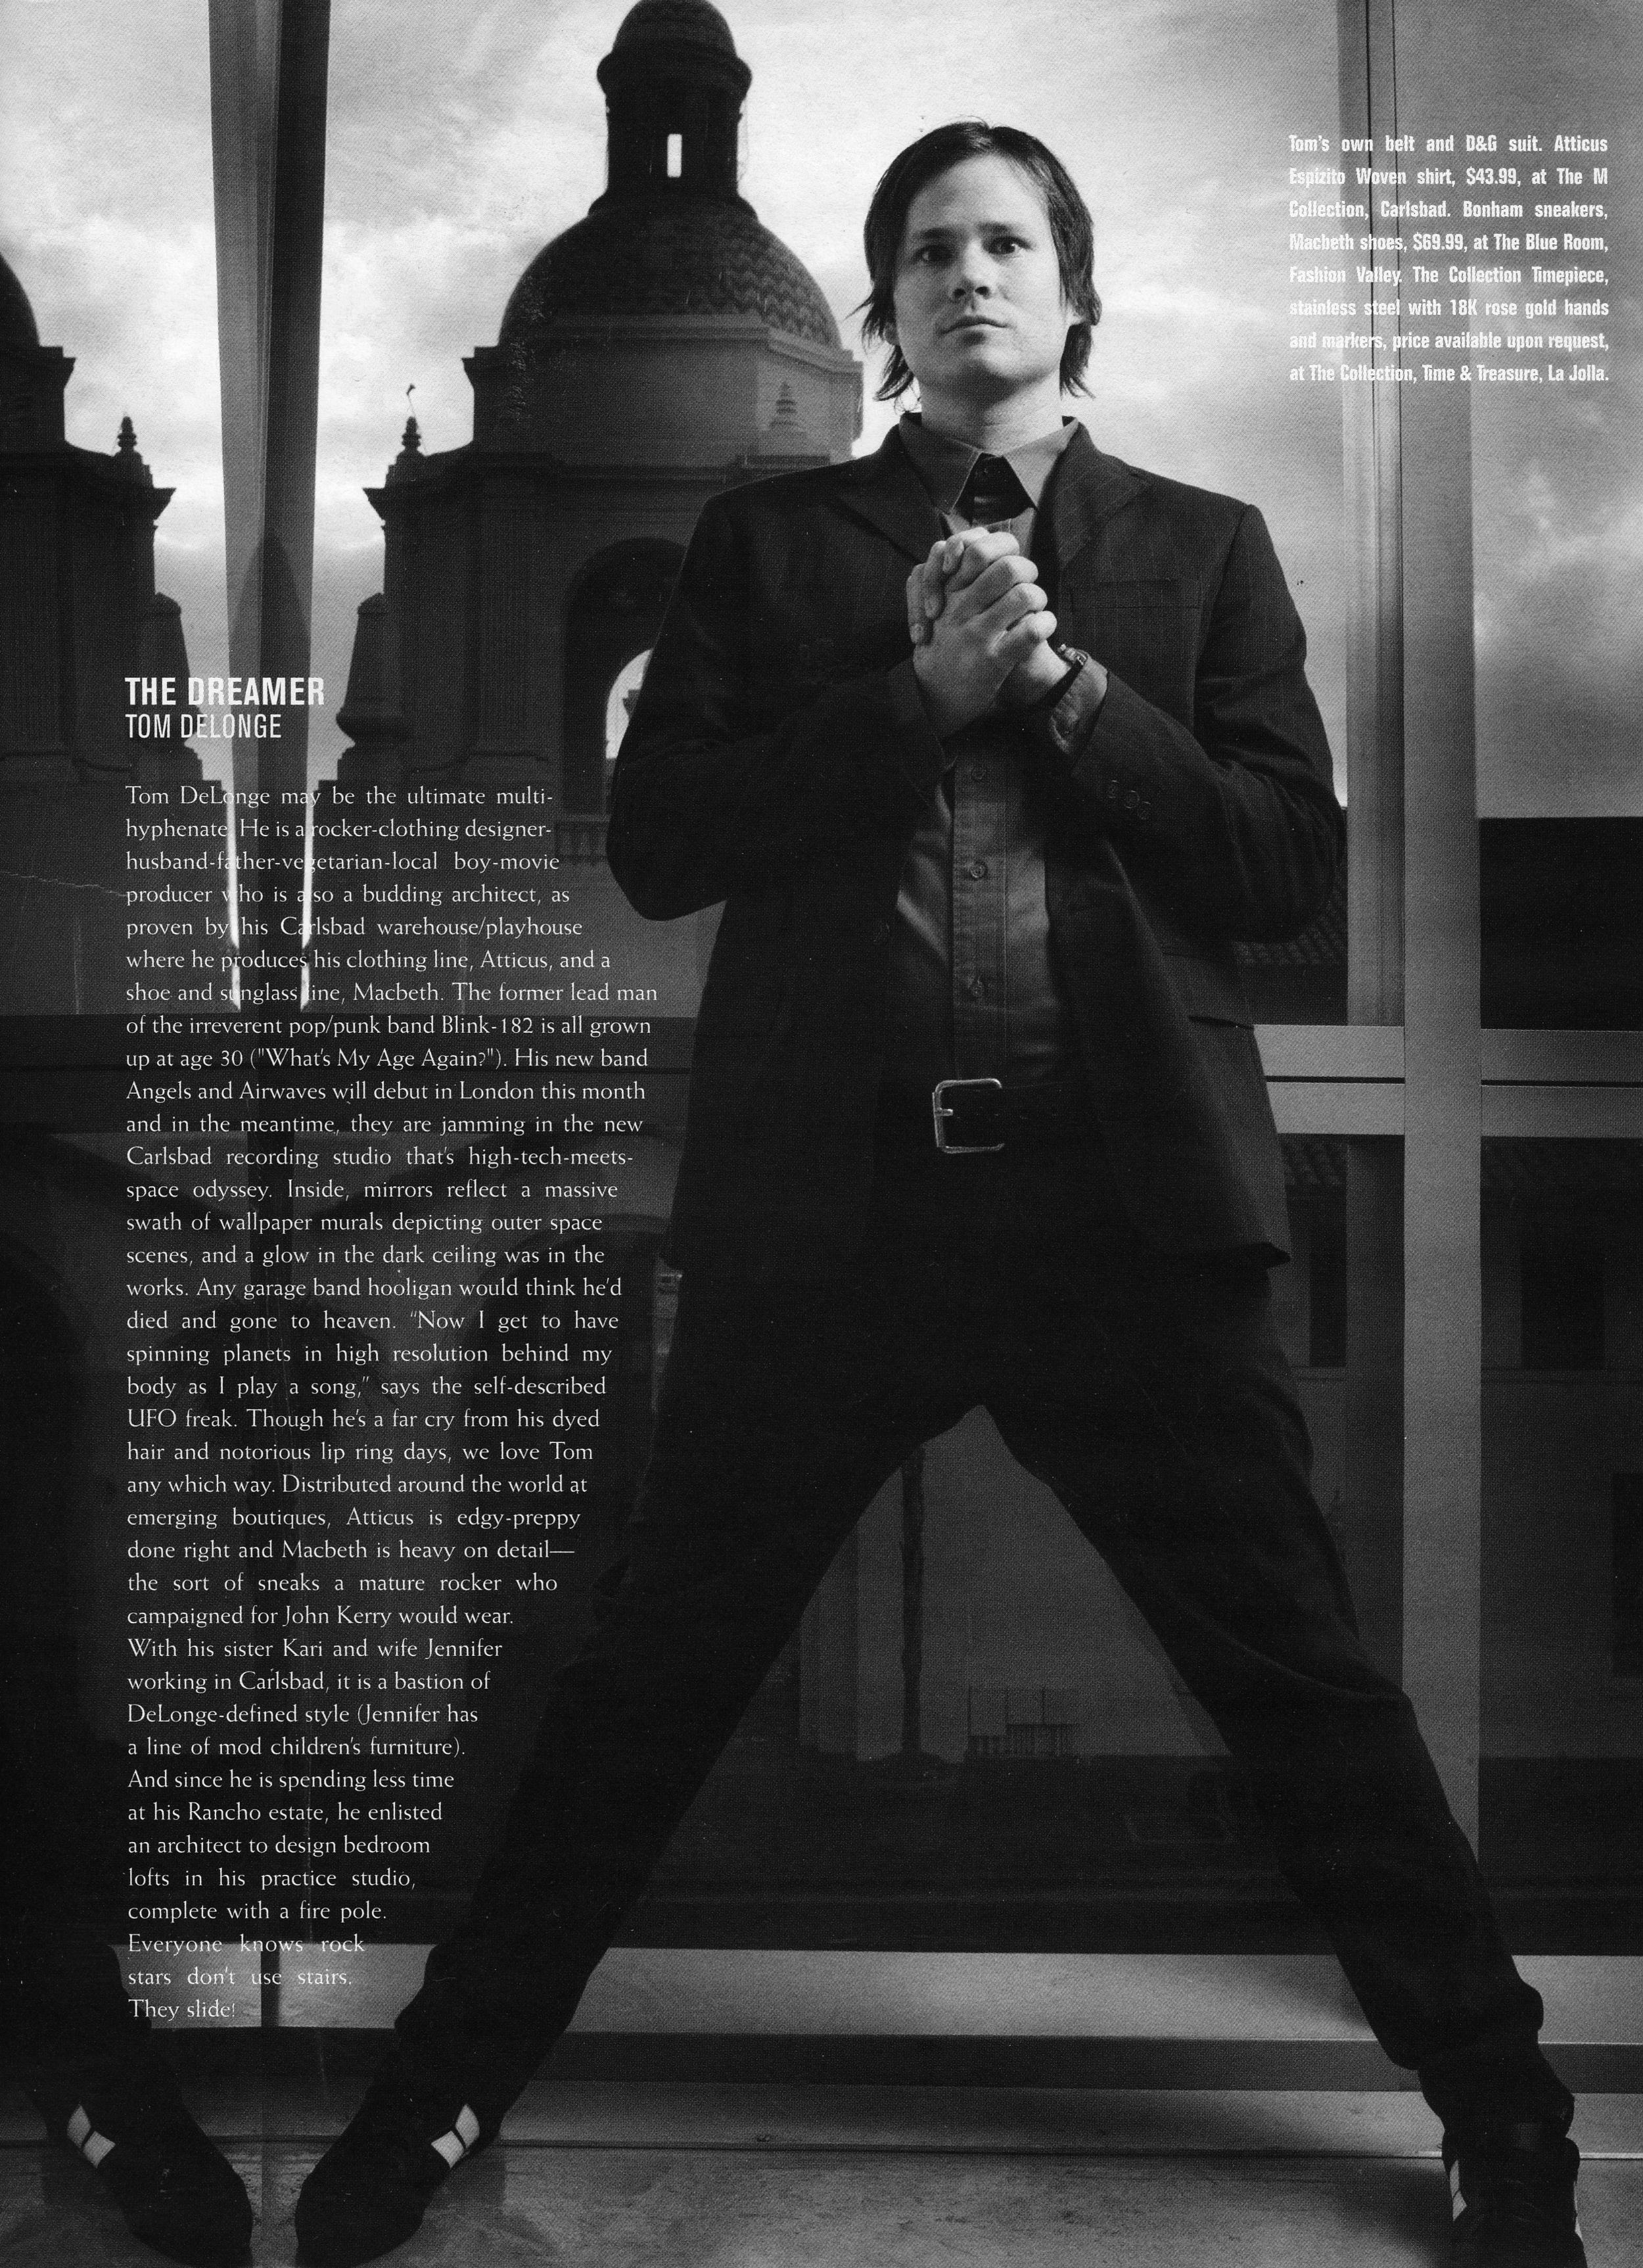 Tom Delonge Blink 182.jpg